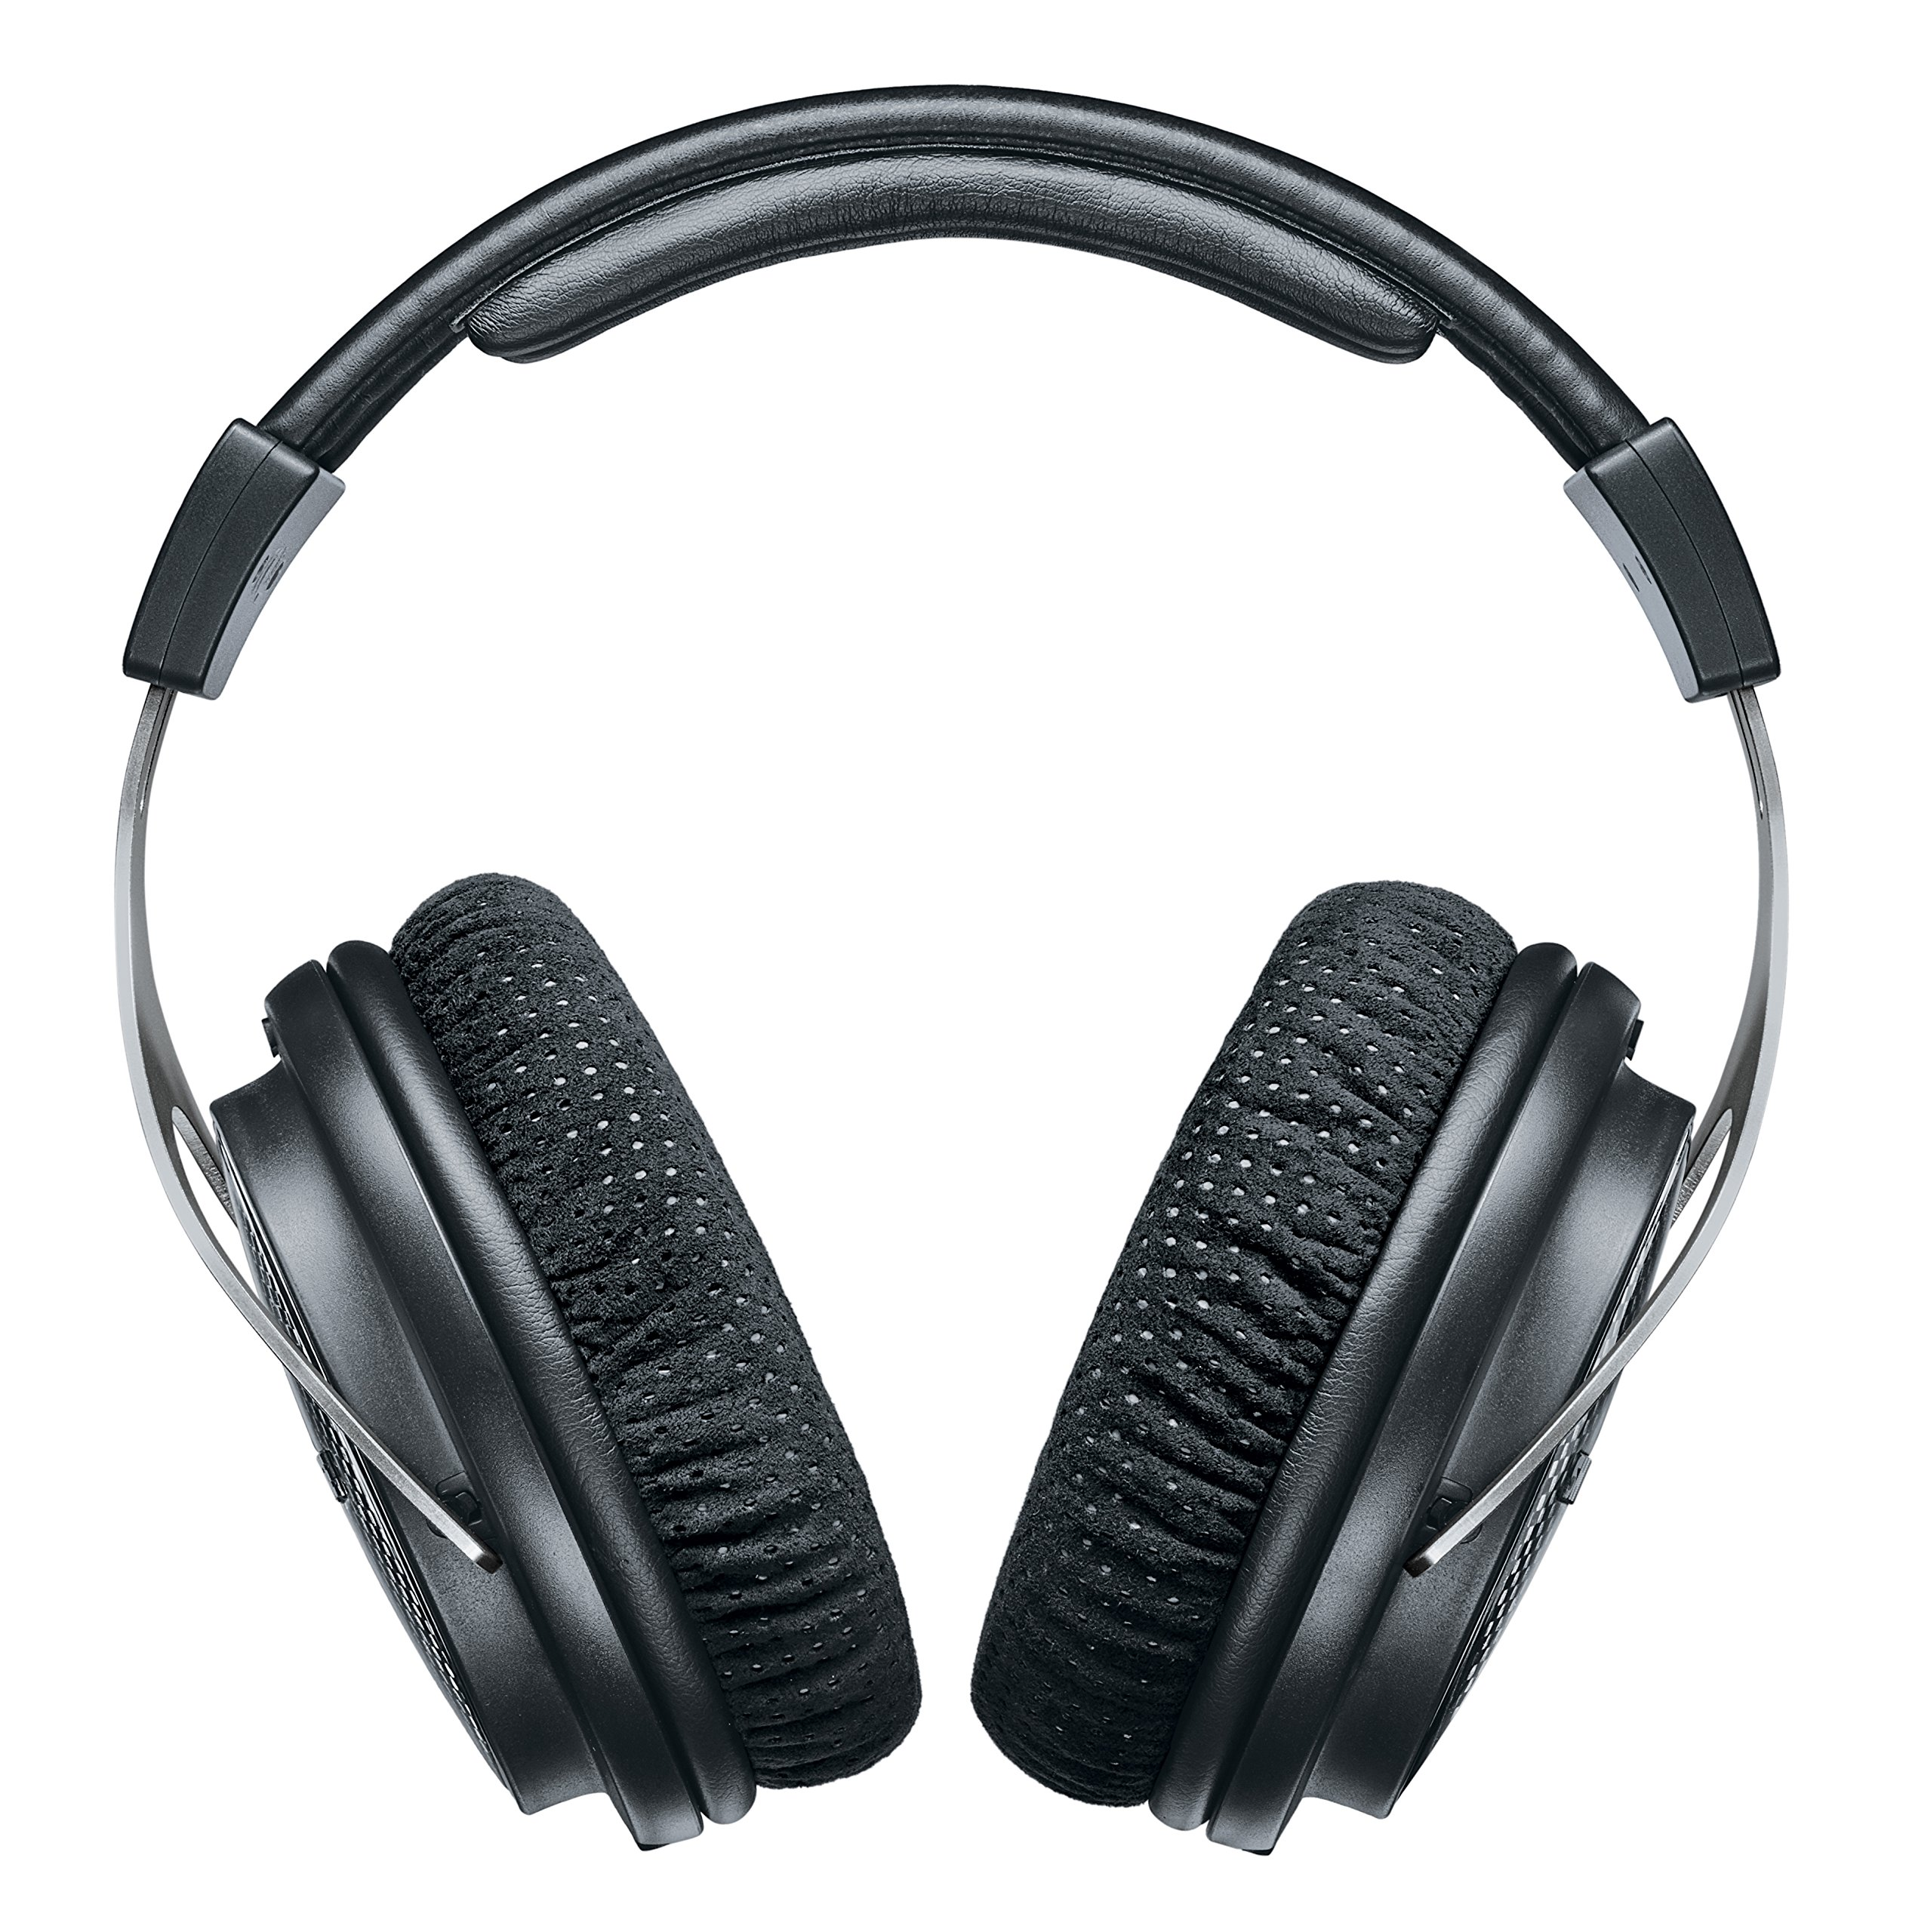 Shure SRH1540 Premium Closed-Back Headphones